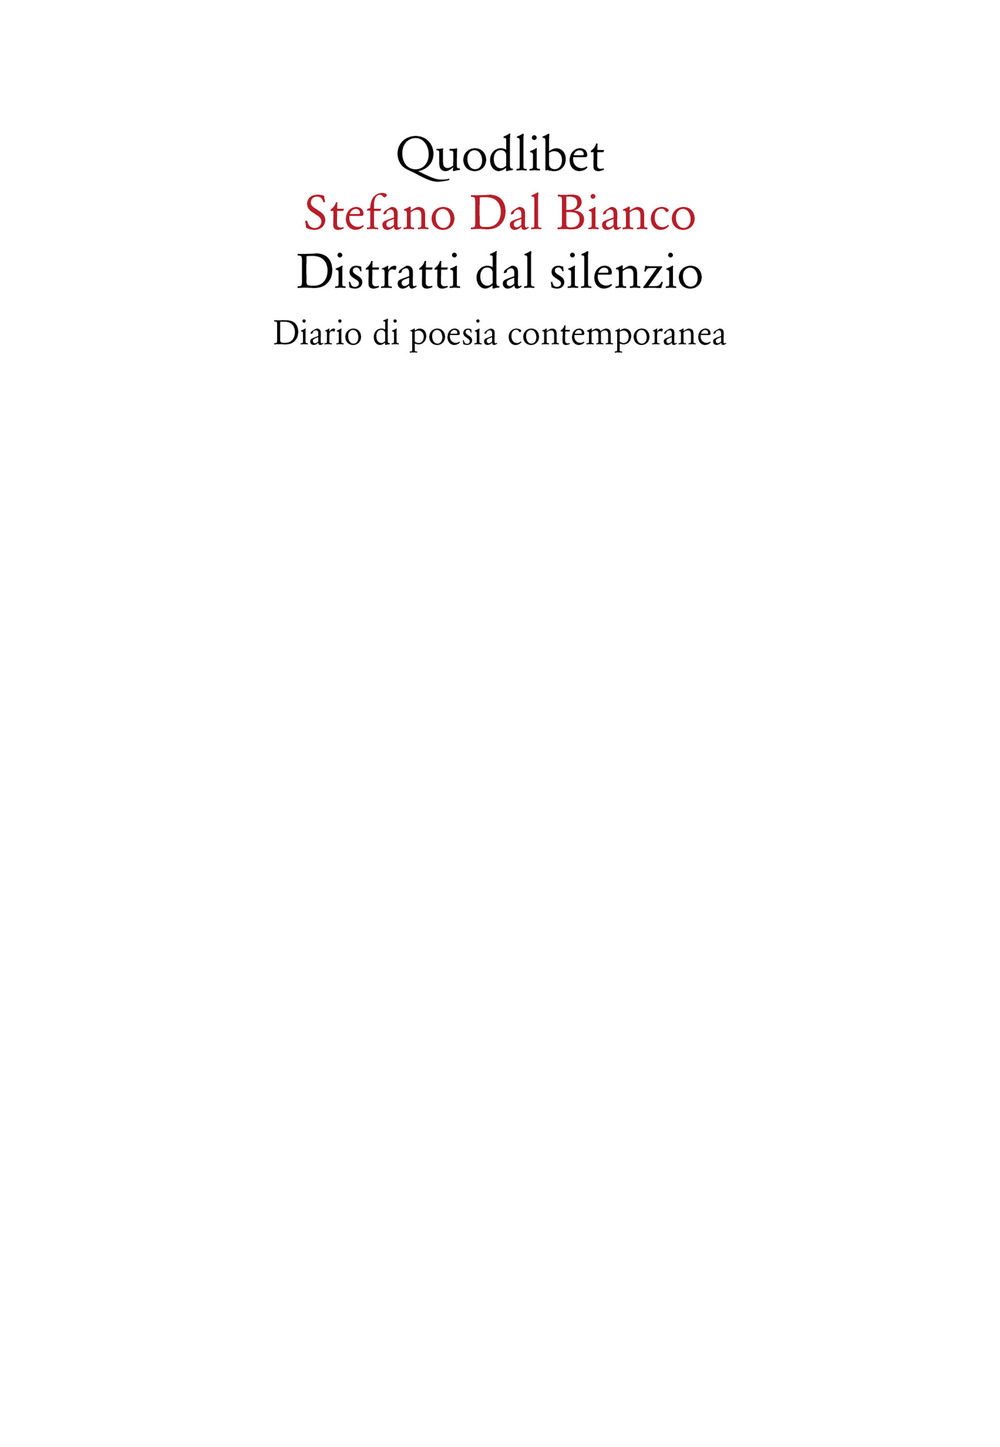 DISTRATTI DAL SILENZIO. DIARIO DI POESIA CONTEMPORANEA - 9788822903150